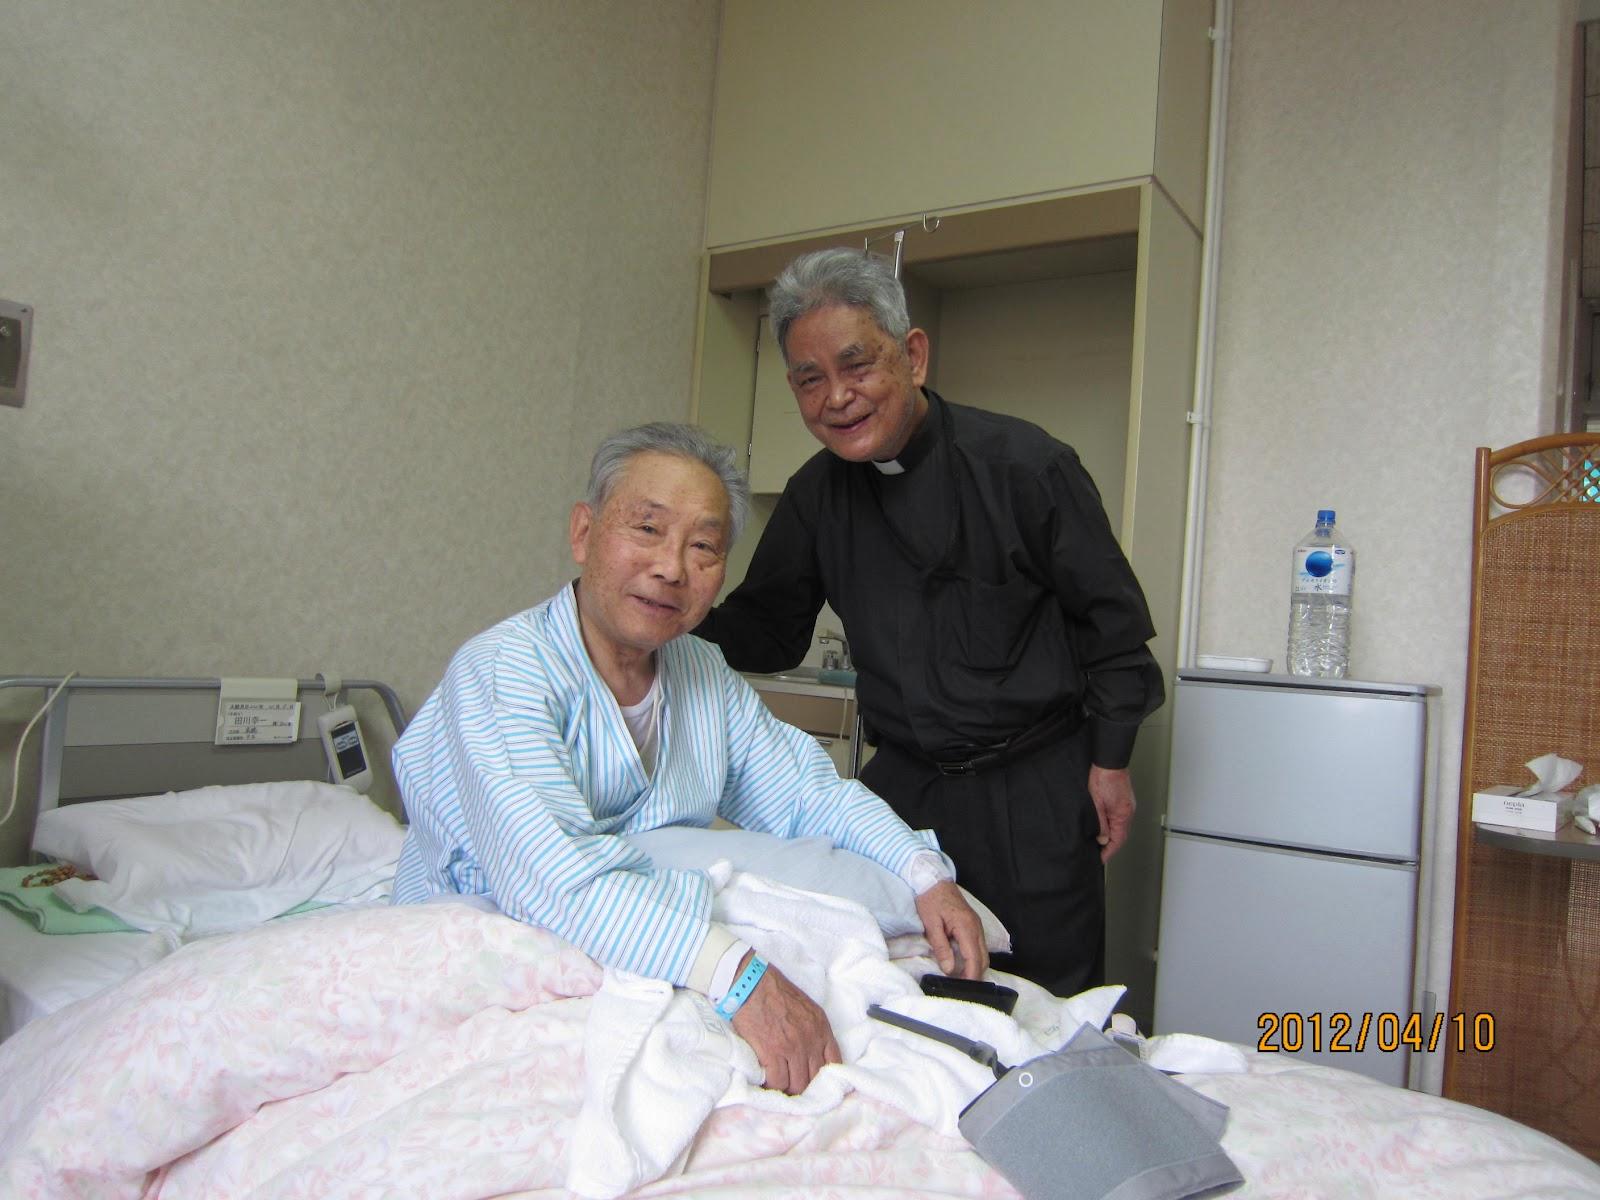 小崎登明の91歳日記 : 午後から手術。腎臓1つで問題多し。何とか頑張る